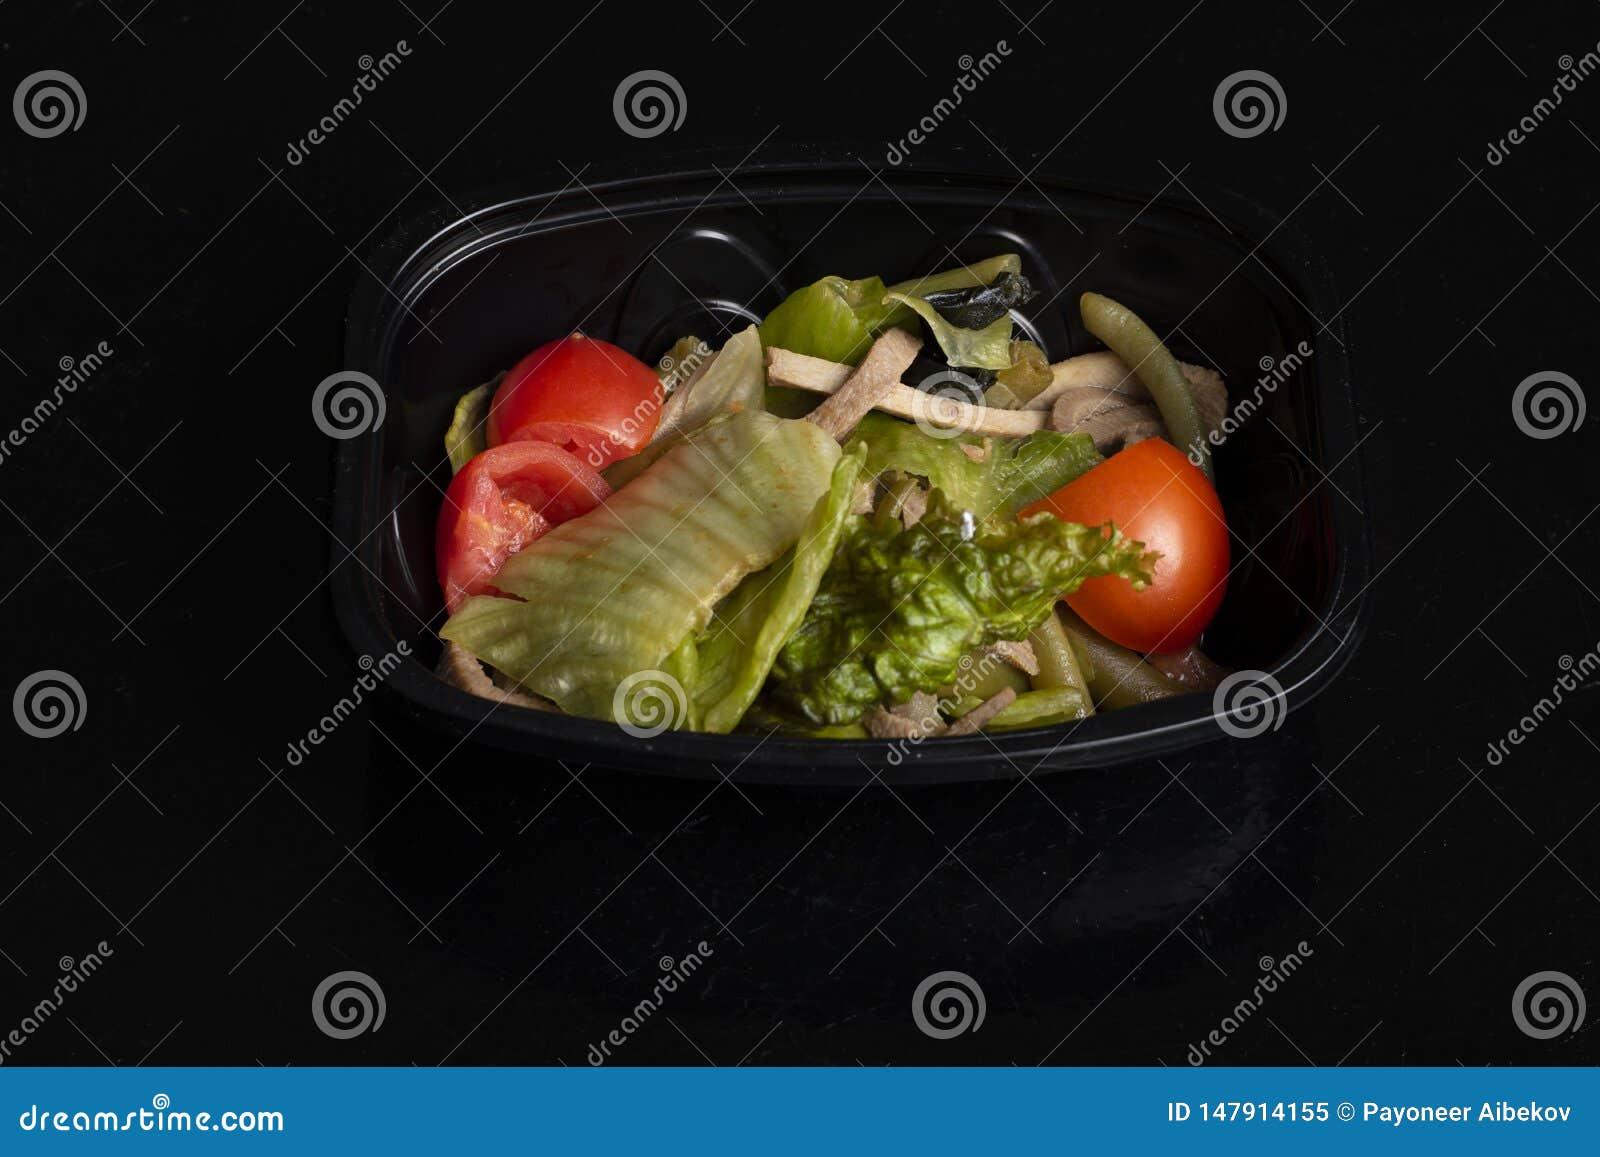 与分鱼刀,适当的营养的,平衡饮食素食主义者沙拉的未加工的蔬菜